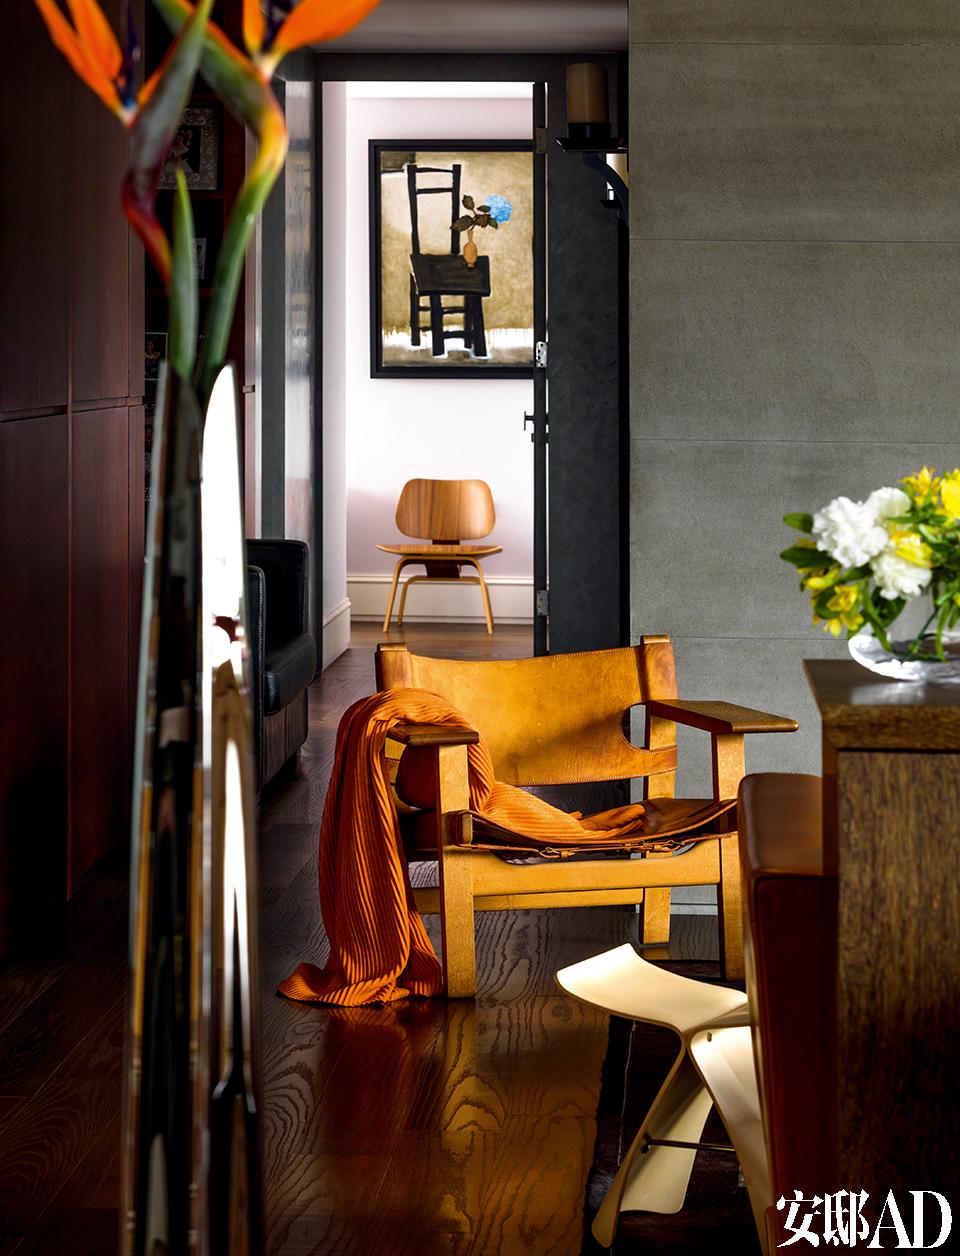 """从客厅经走廊可以看到女儿房 间的墙壁,王伟忠专门为女儿挑选了董小蕙的""""黑椅子""""油画作品,因为他觉得它既优雅又有家的感觉。来自Børge Mogensen设计的""""西班牙椅""""(丹麦仓库提供),其椅子上的橘色毛毯来自品牌Design House Stockholm(北欧橱窗提供)。"""